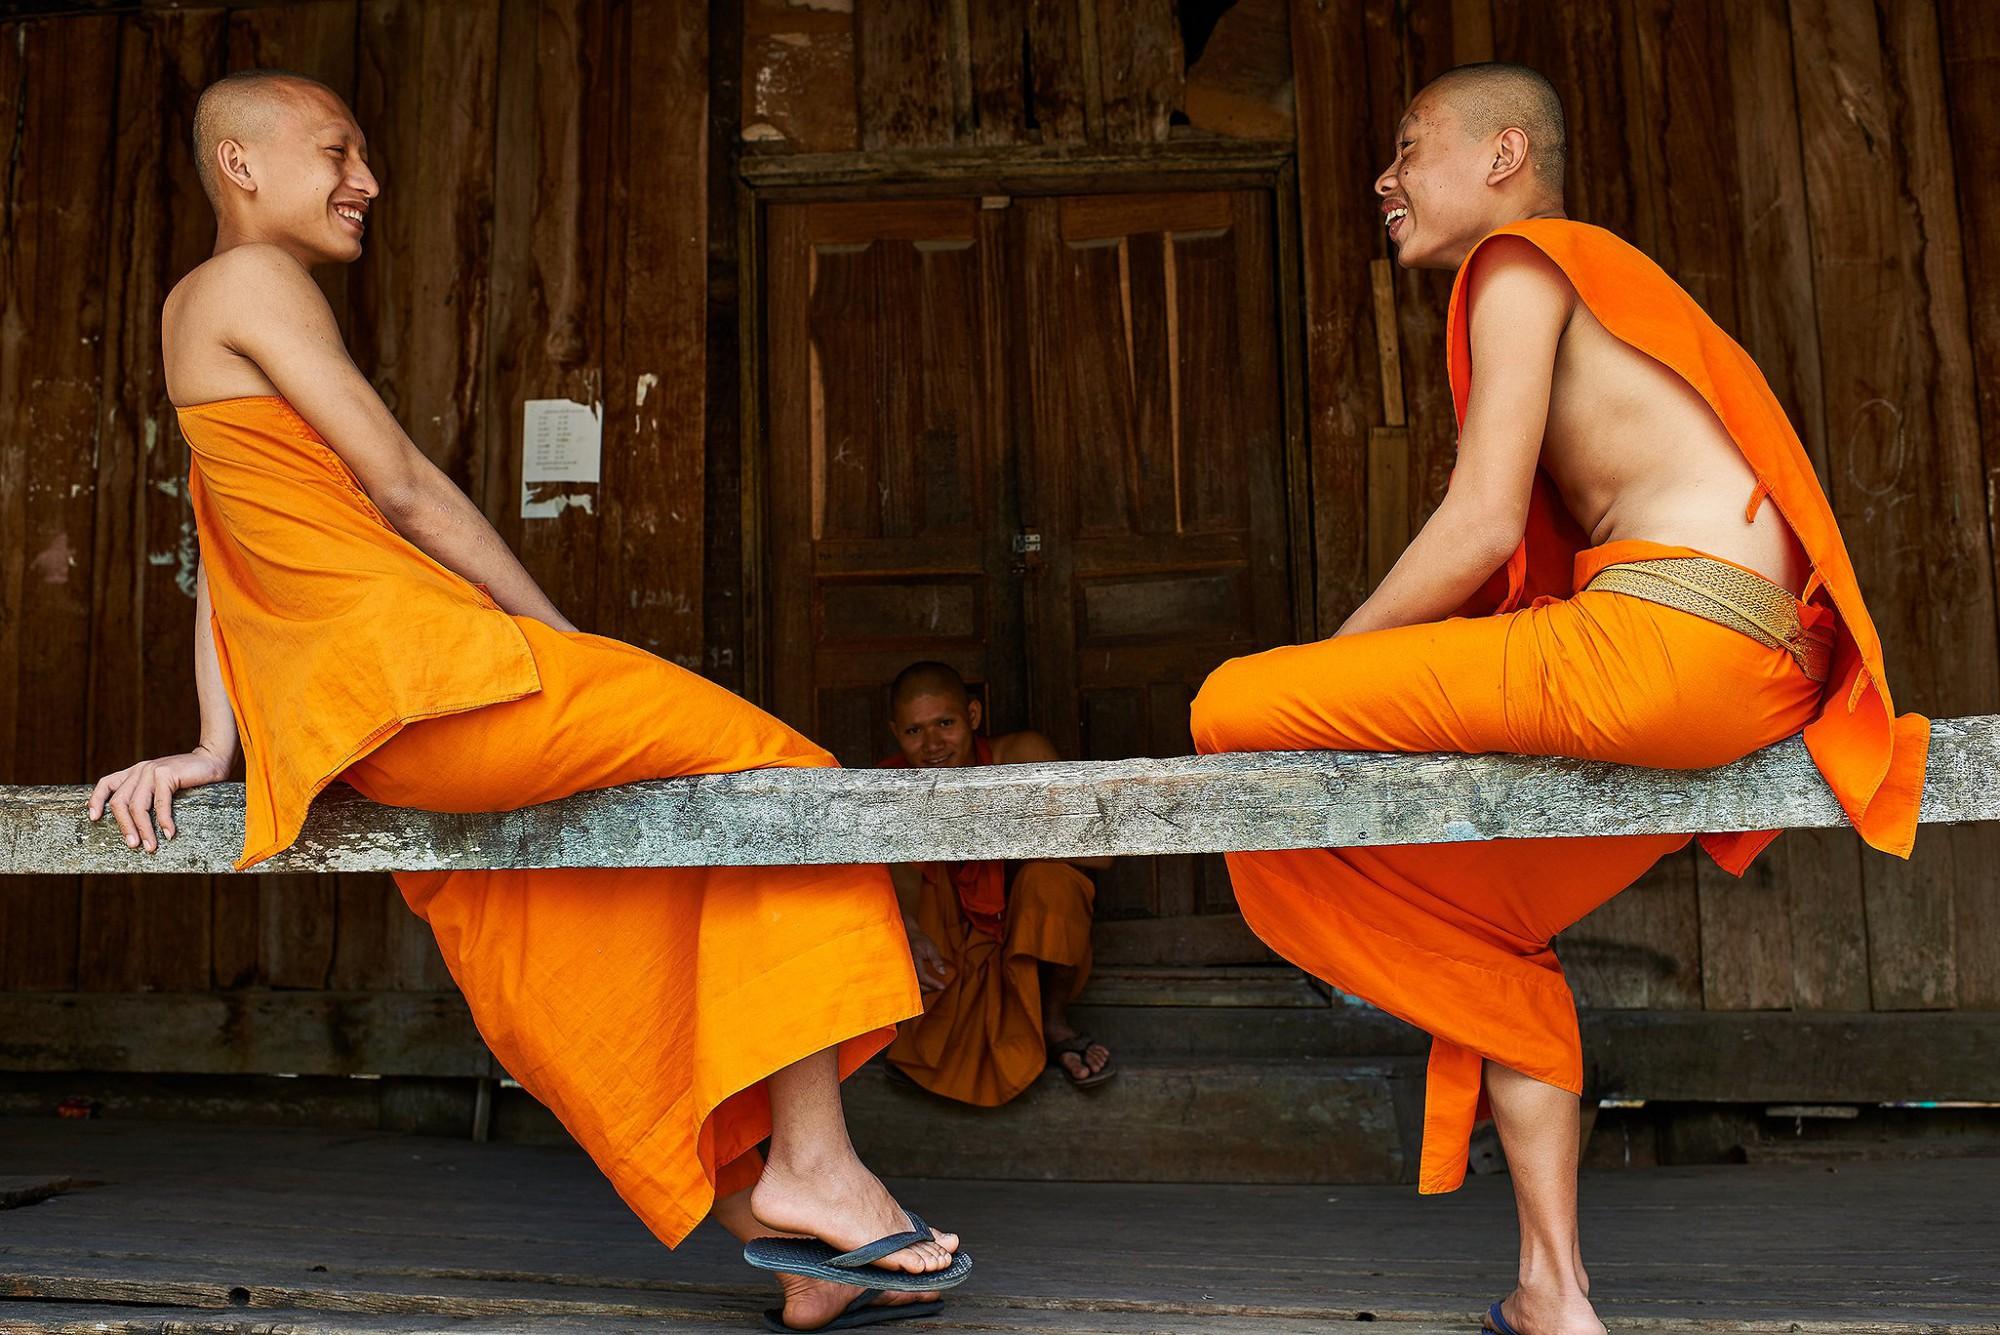 Afbeelding: Dominique Van Huffel reisreportages Laos, Lao Prabang.